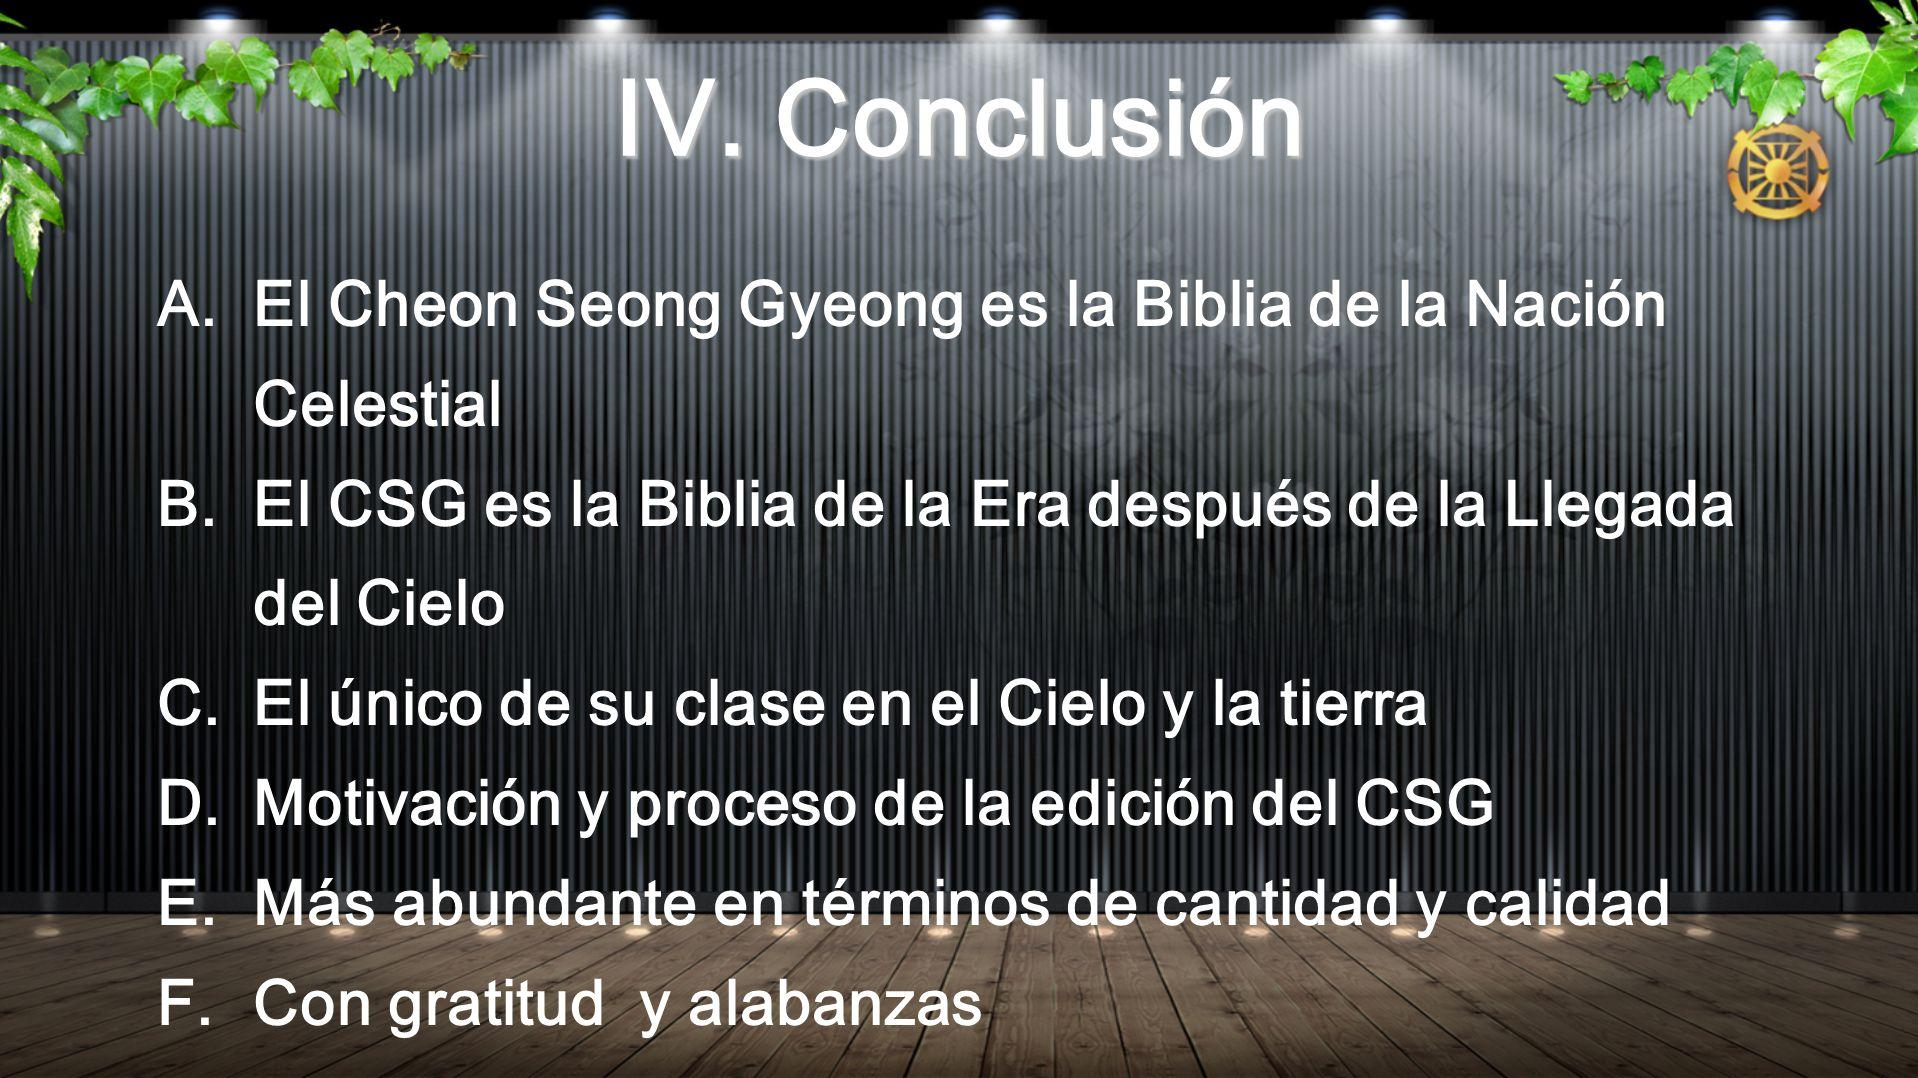 IV. ConclusiónEl Cheon Seong Gyeong es la Biblia de la Nación Celestial. El CSG es la Biblia de la Era después de la Llegada del Cielo.